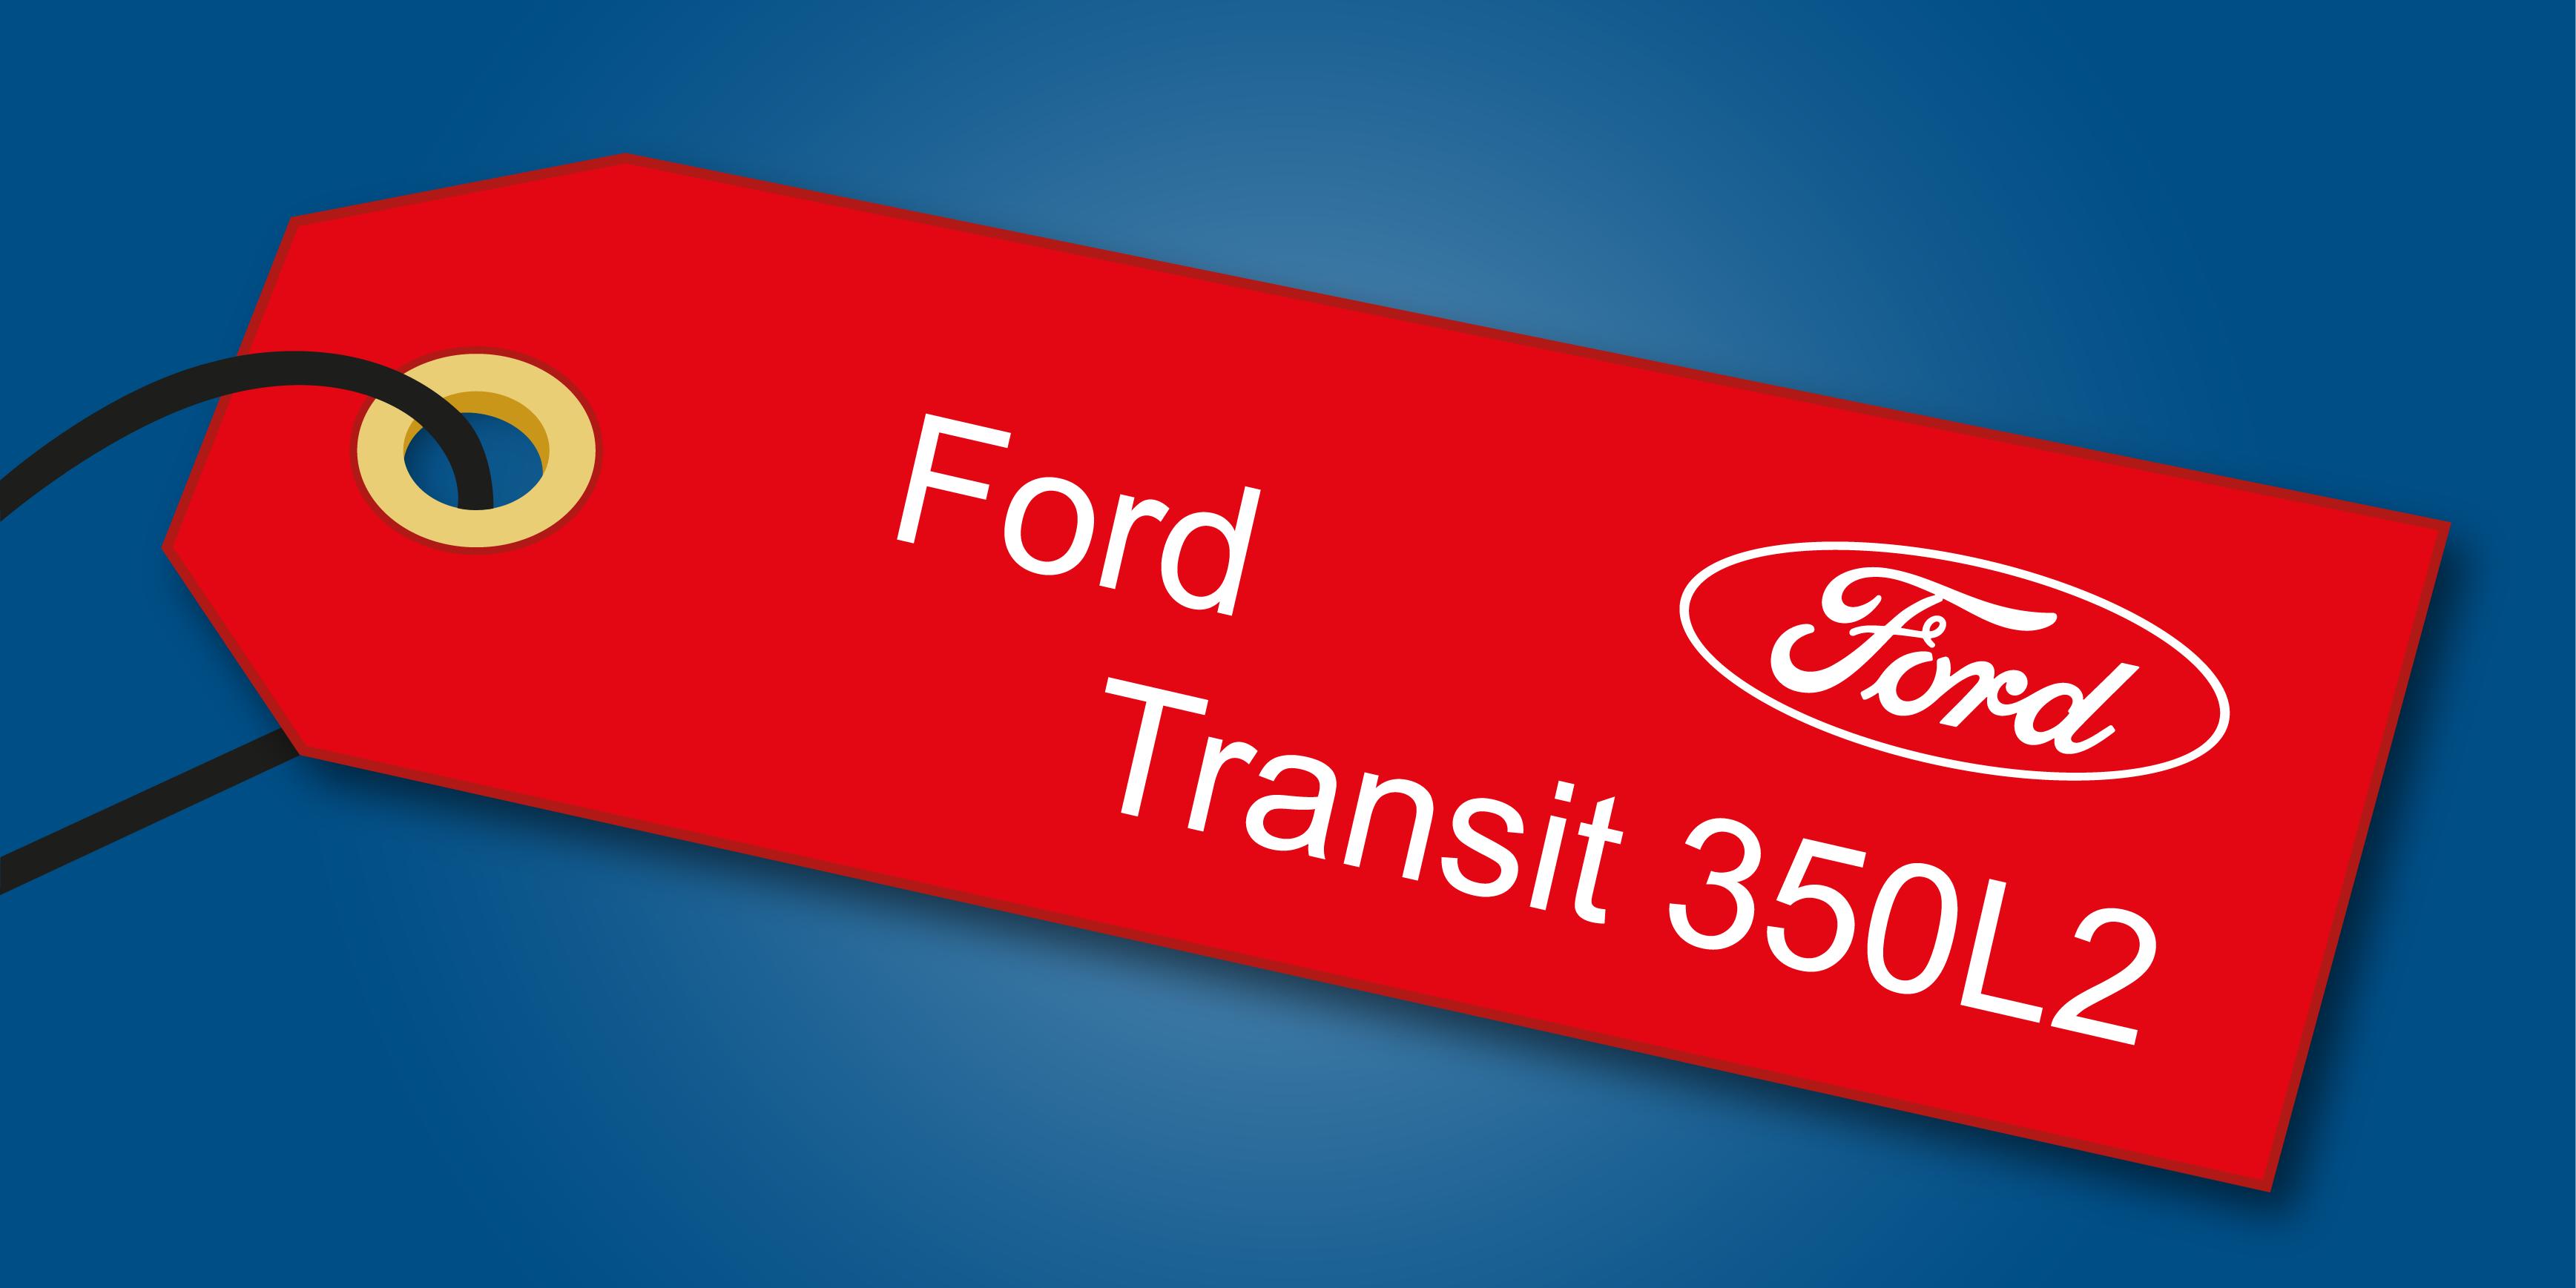 Ford Gewerbewochen bei Auto Jochem - Angebot Ford Transit